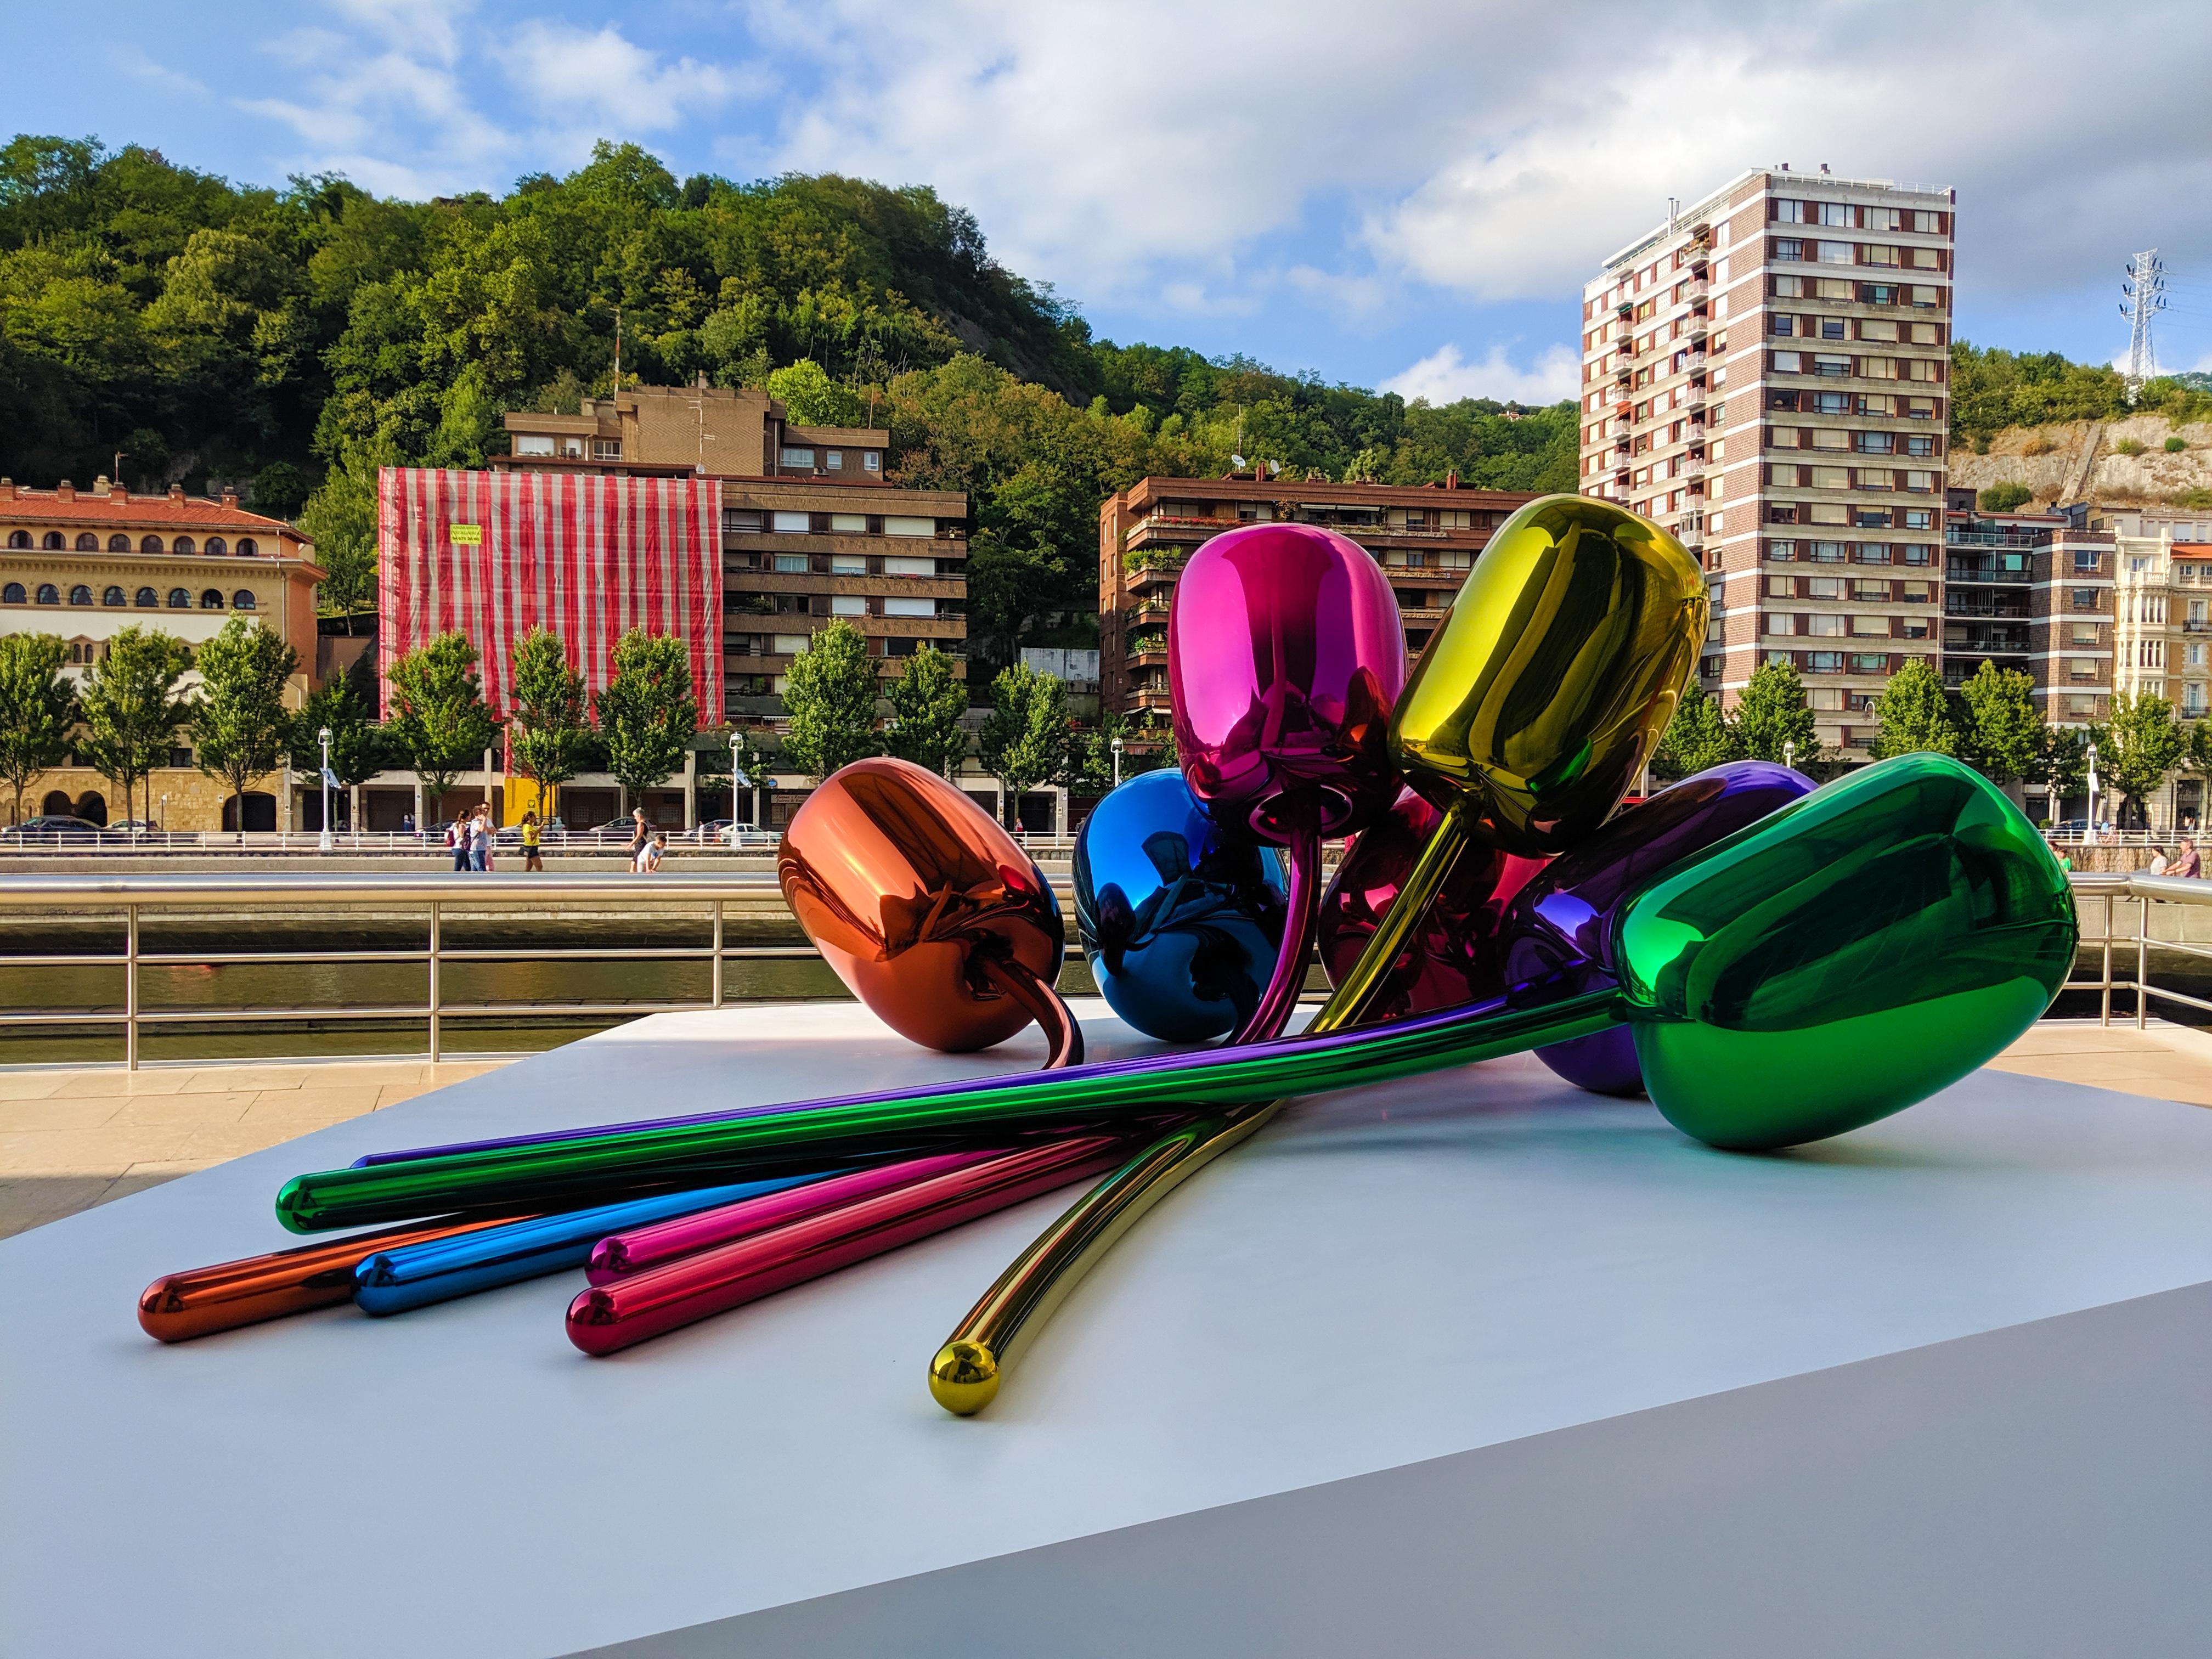 bilbao, Spain, Guggenheim Museum, balloon art, travel style